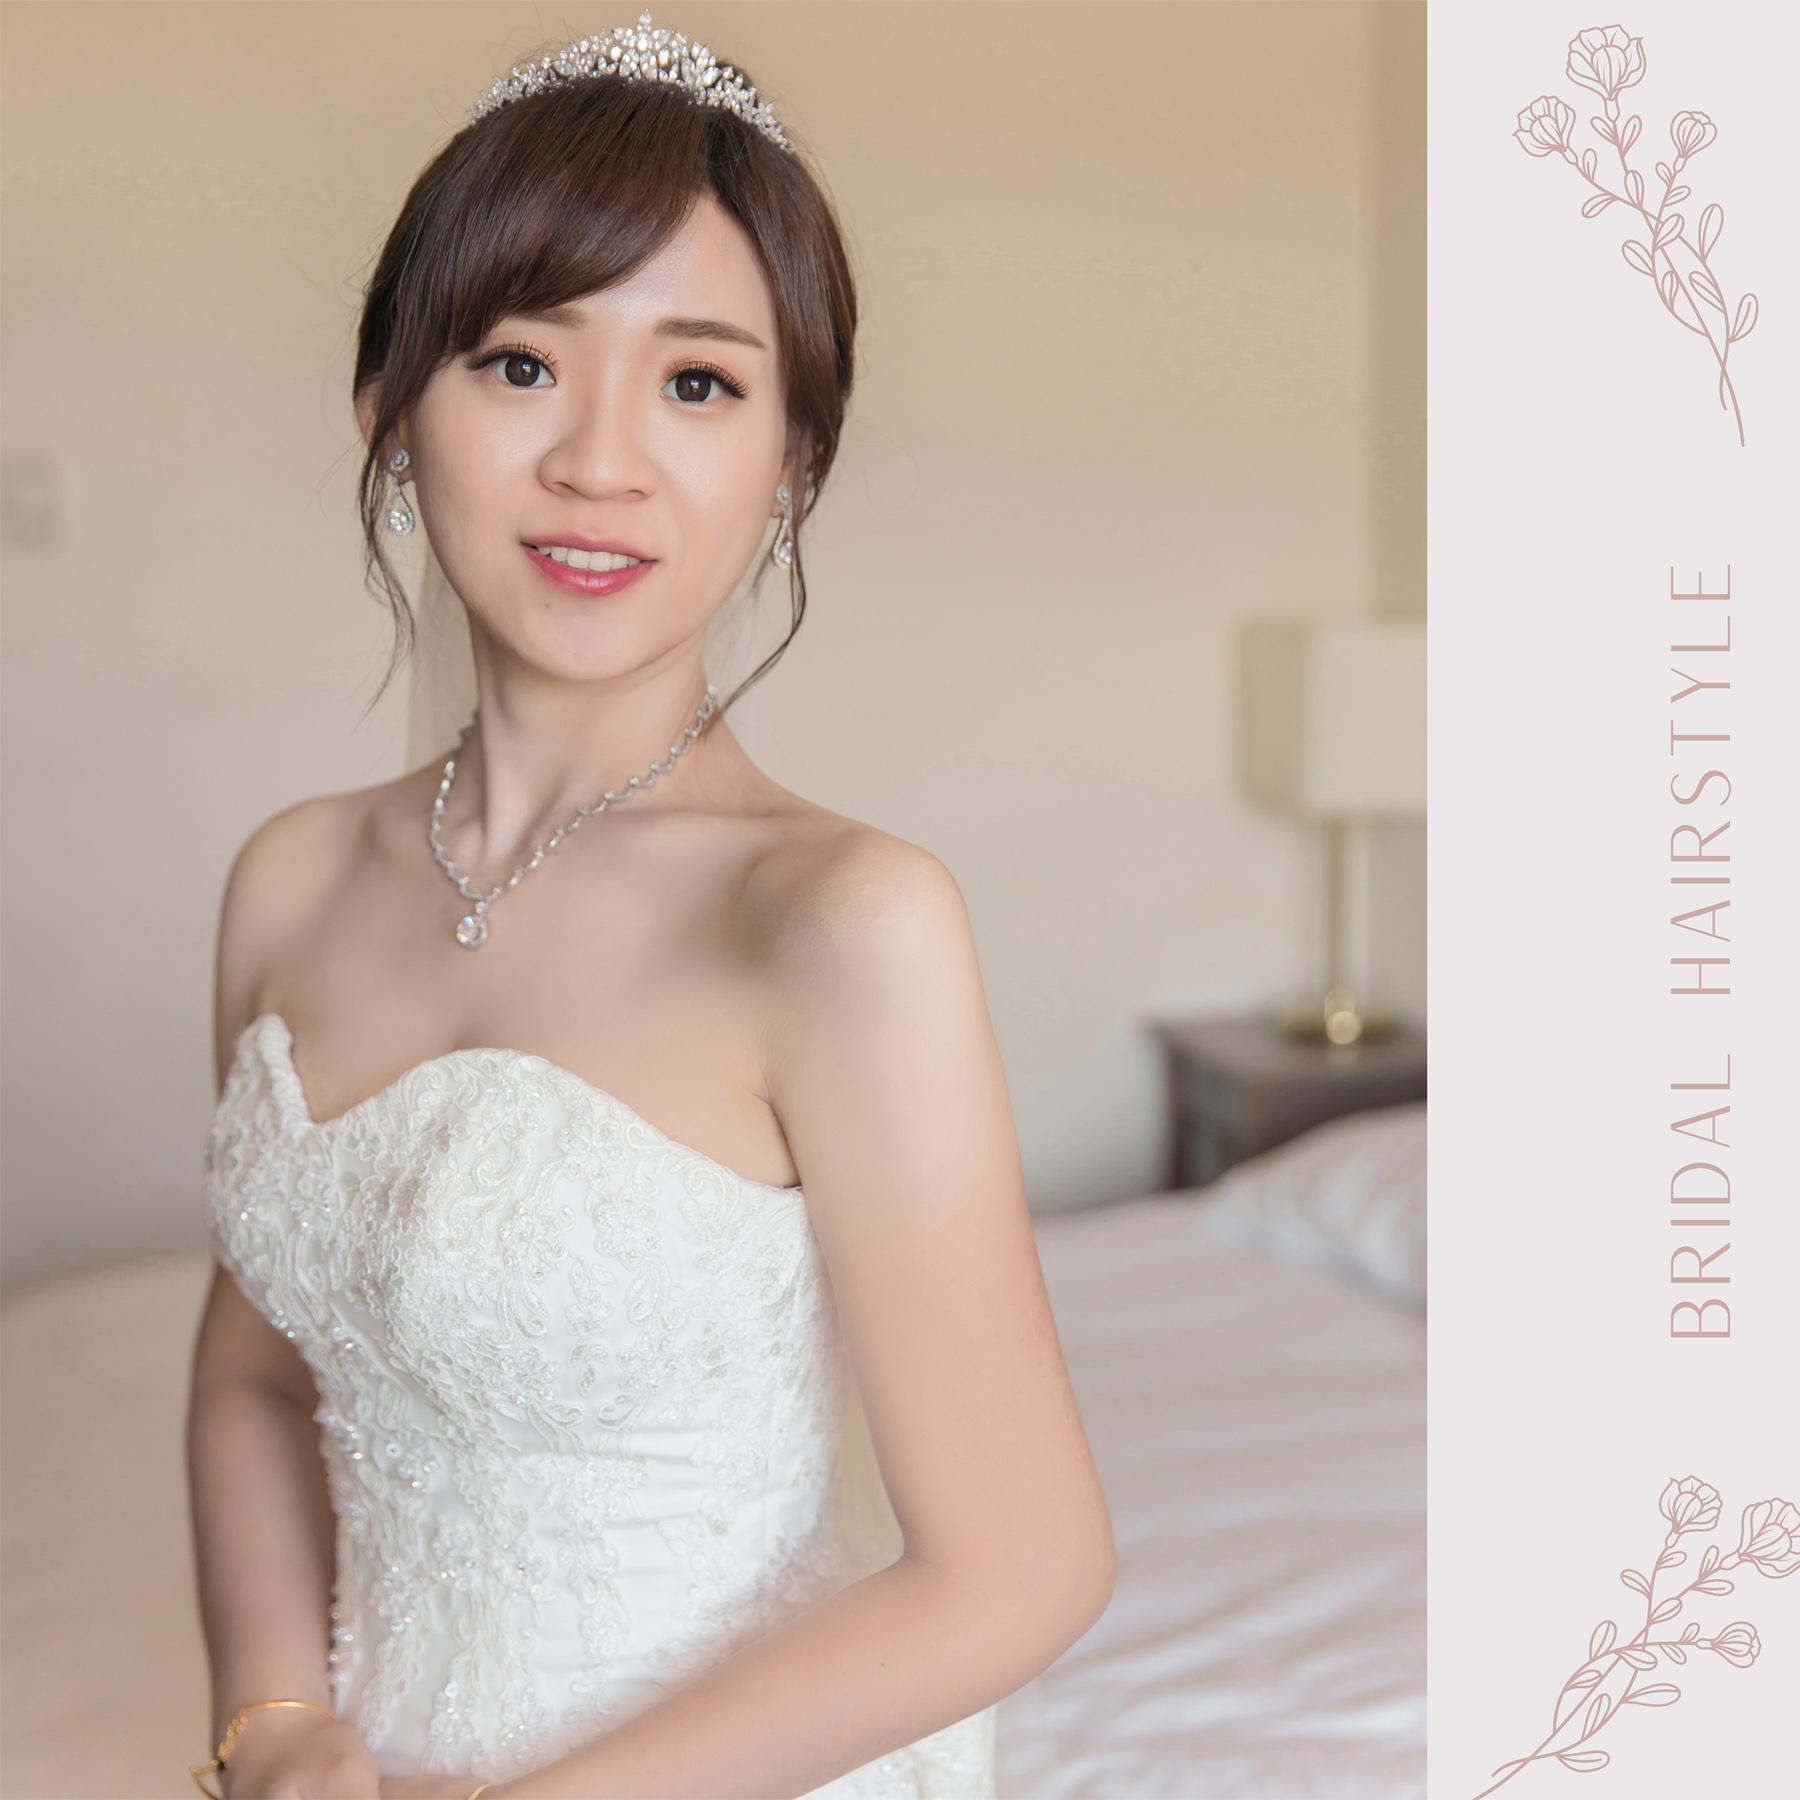 新秘Yuki, 新娘秘書, 新秘, 新娘造型, 白紗造型, 新秘推薦 ,新娘妝容, 高雄新秘, 盤髮造型,白紗,高雄福華婚宴,高雄福華飯店